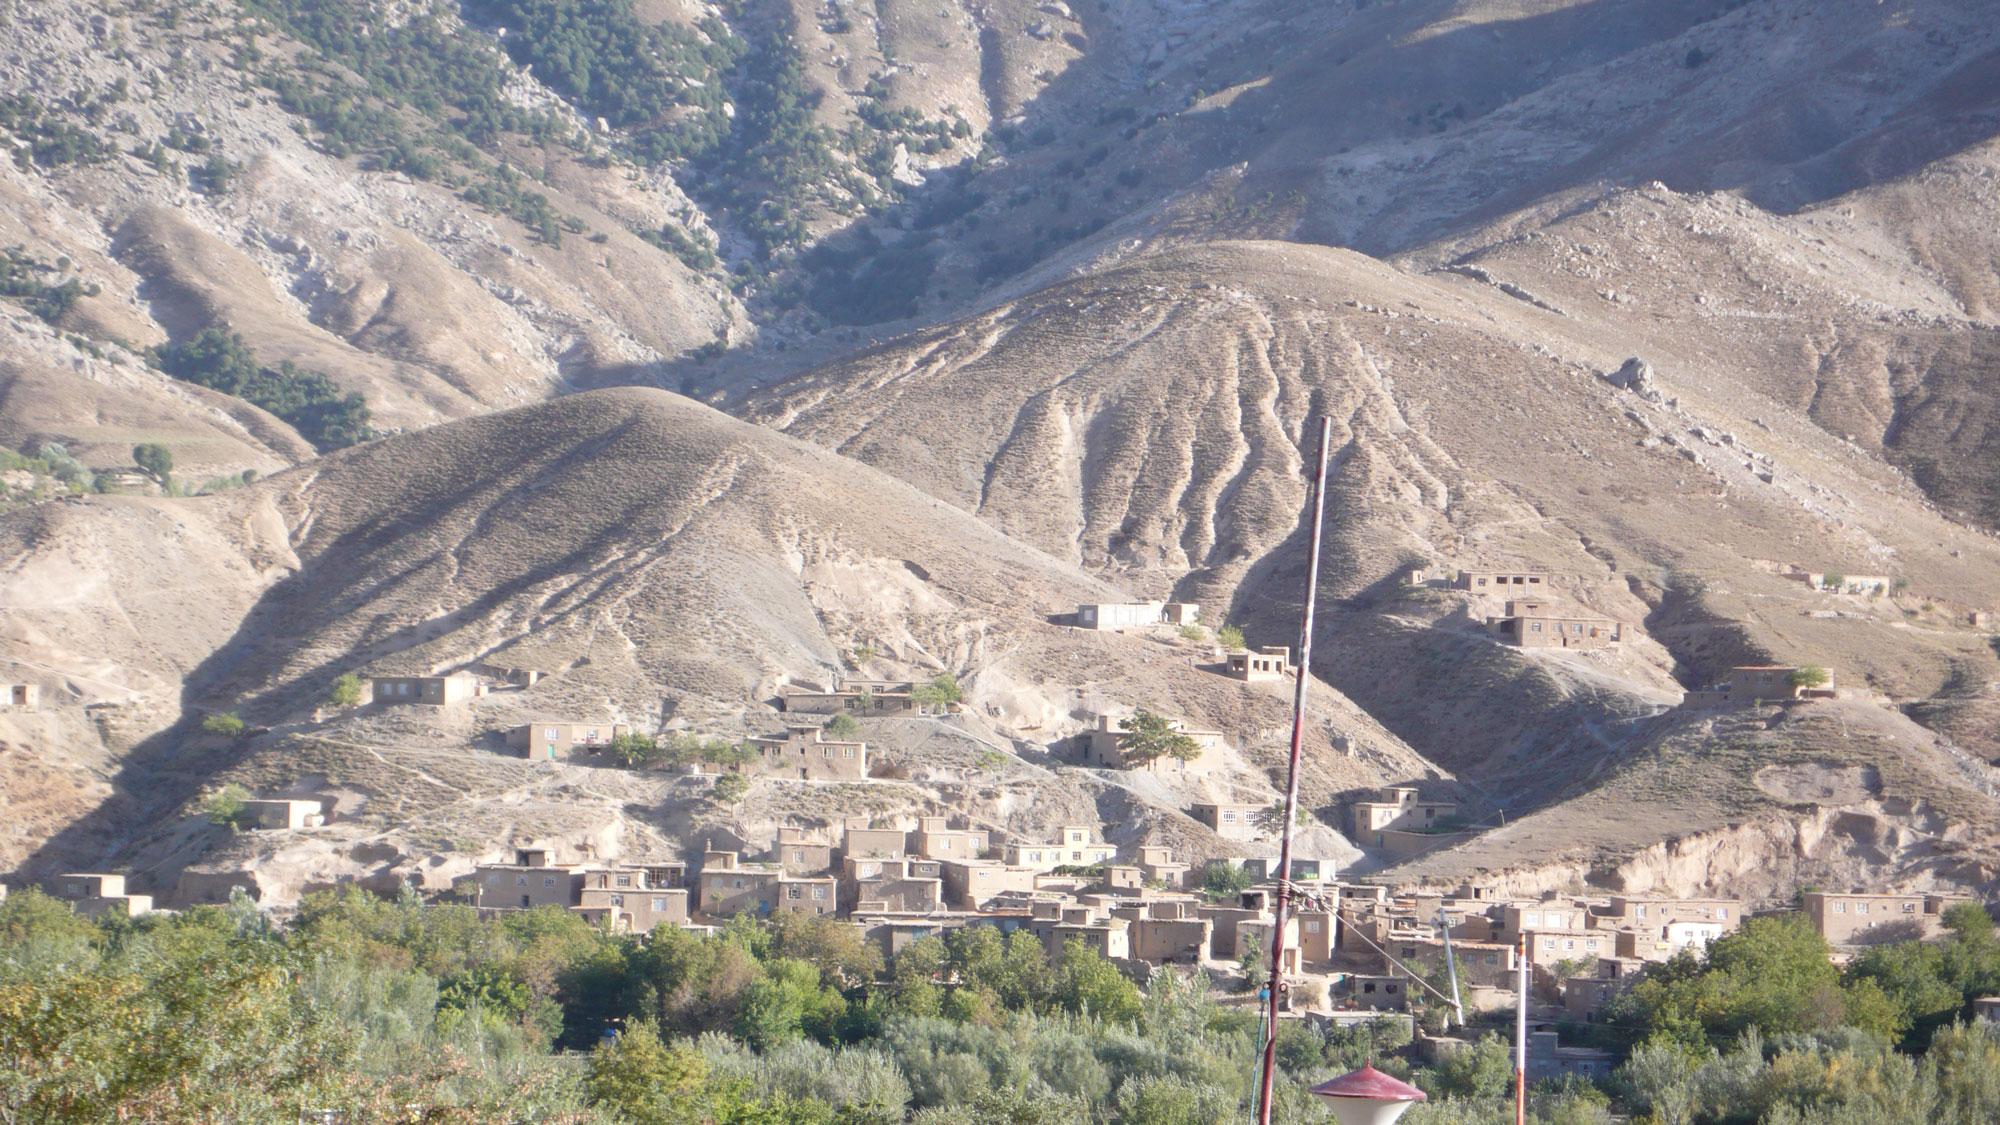 Panjshir, per gentile concessione Raul Pantaleo